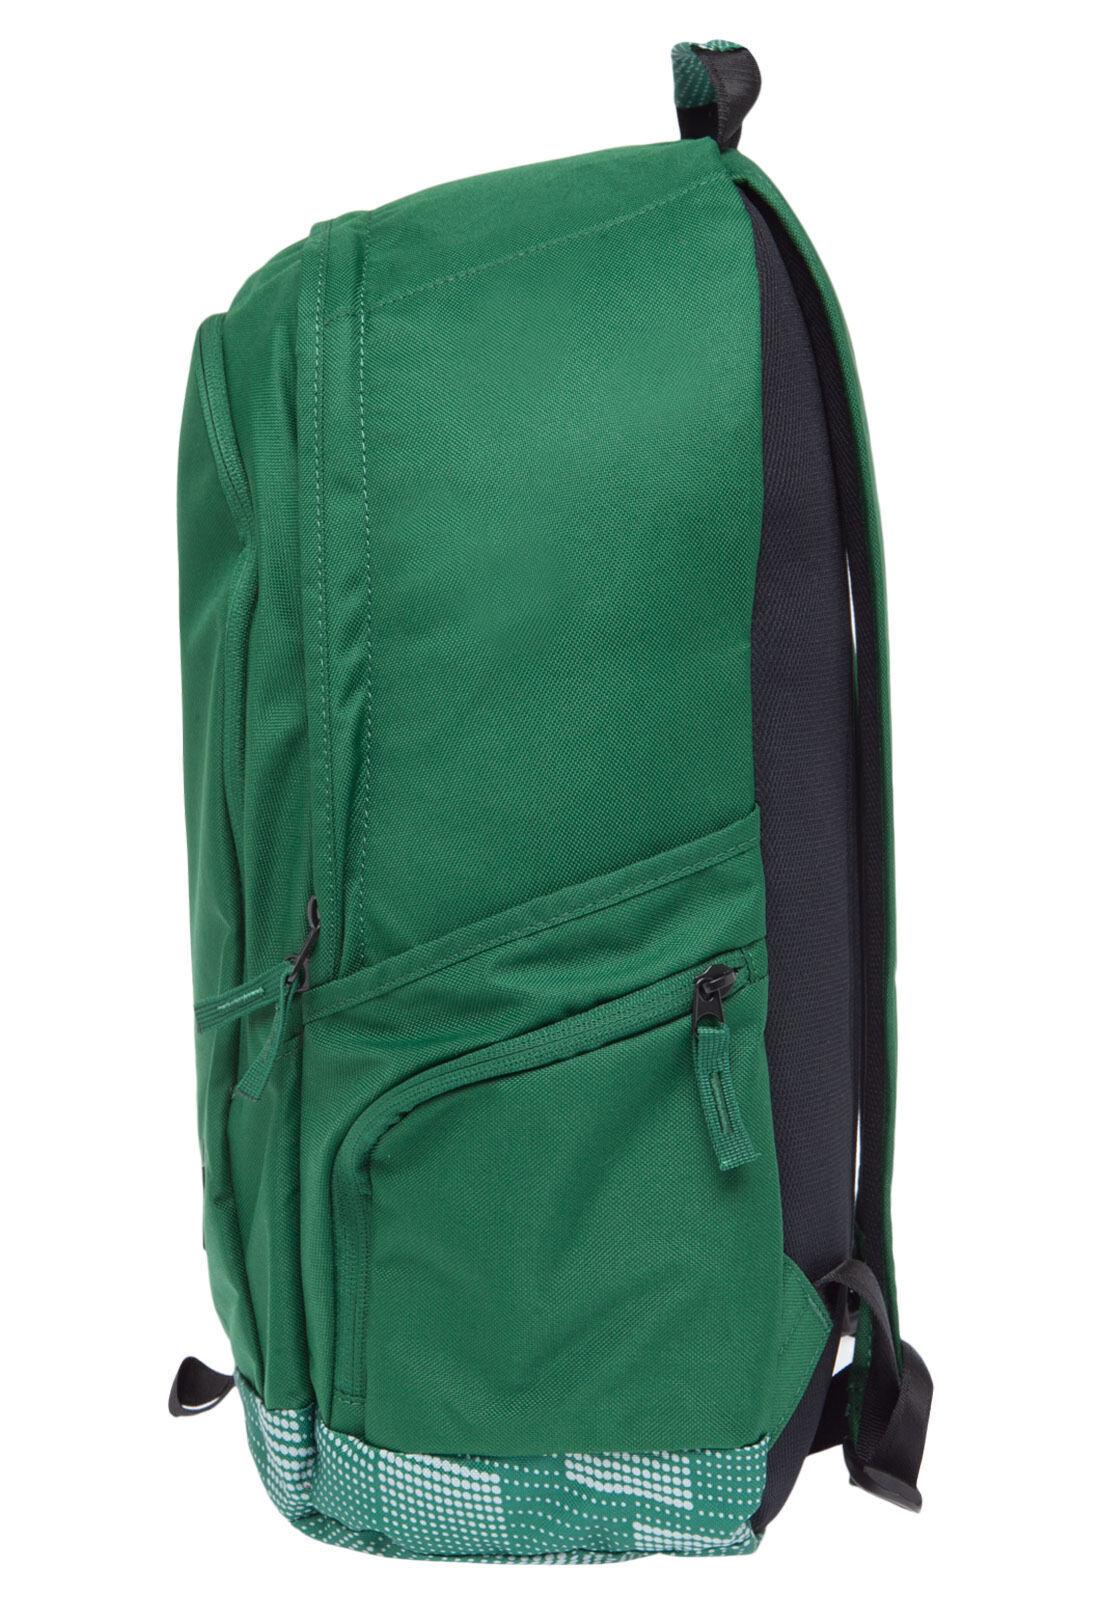 Mochila Nike Sportswear – Verde com compartimento pra Notebook e ... d4a6a70131cd7